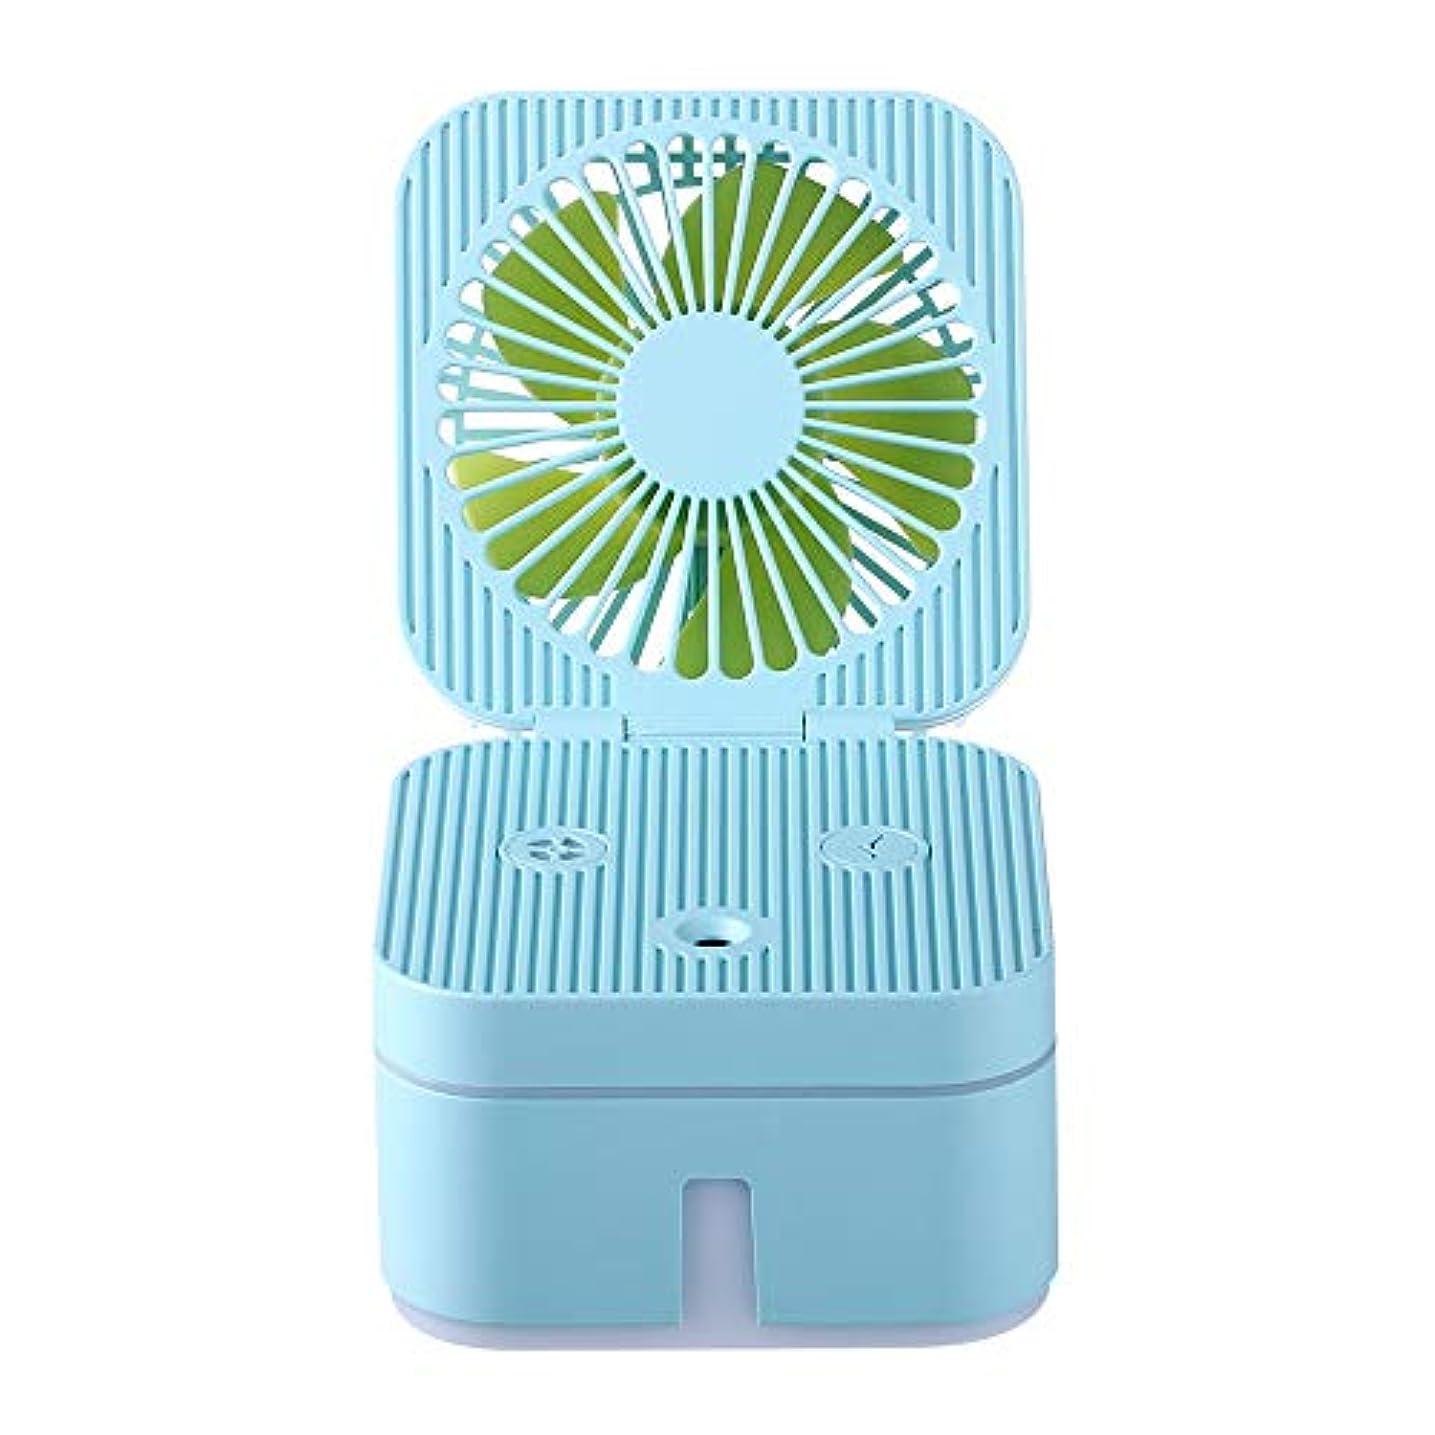 巨大うるさい救いZXF 容量保湿美容機器ABS素材USB充電加湿器ウォータースプレーメーターブルー 滑らかである